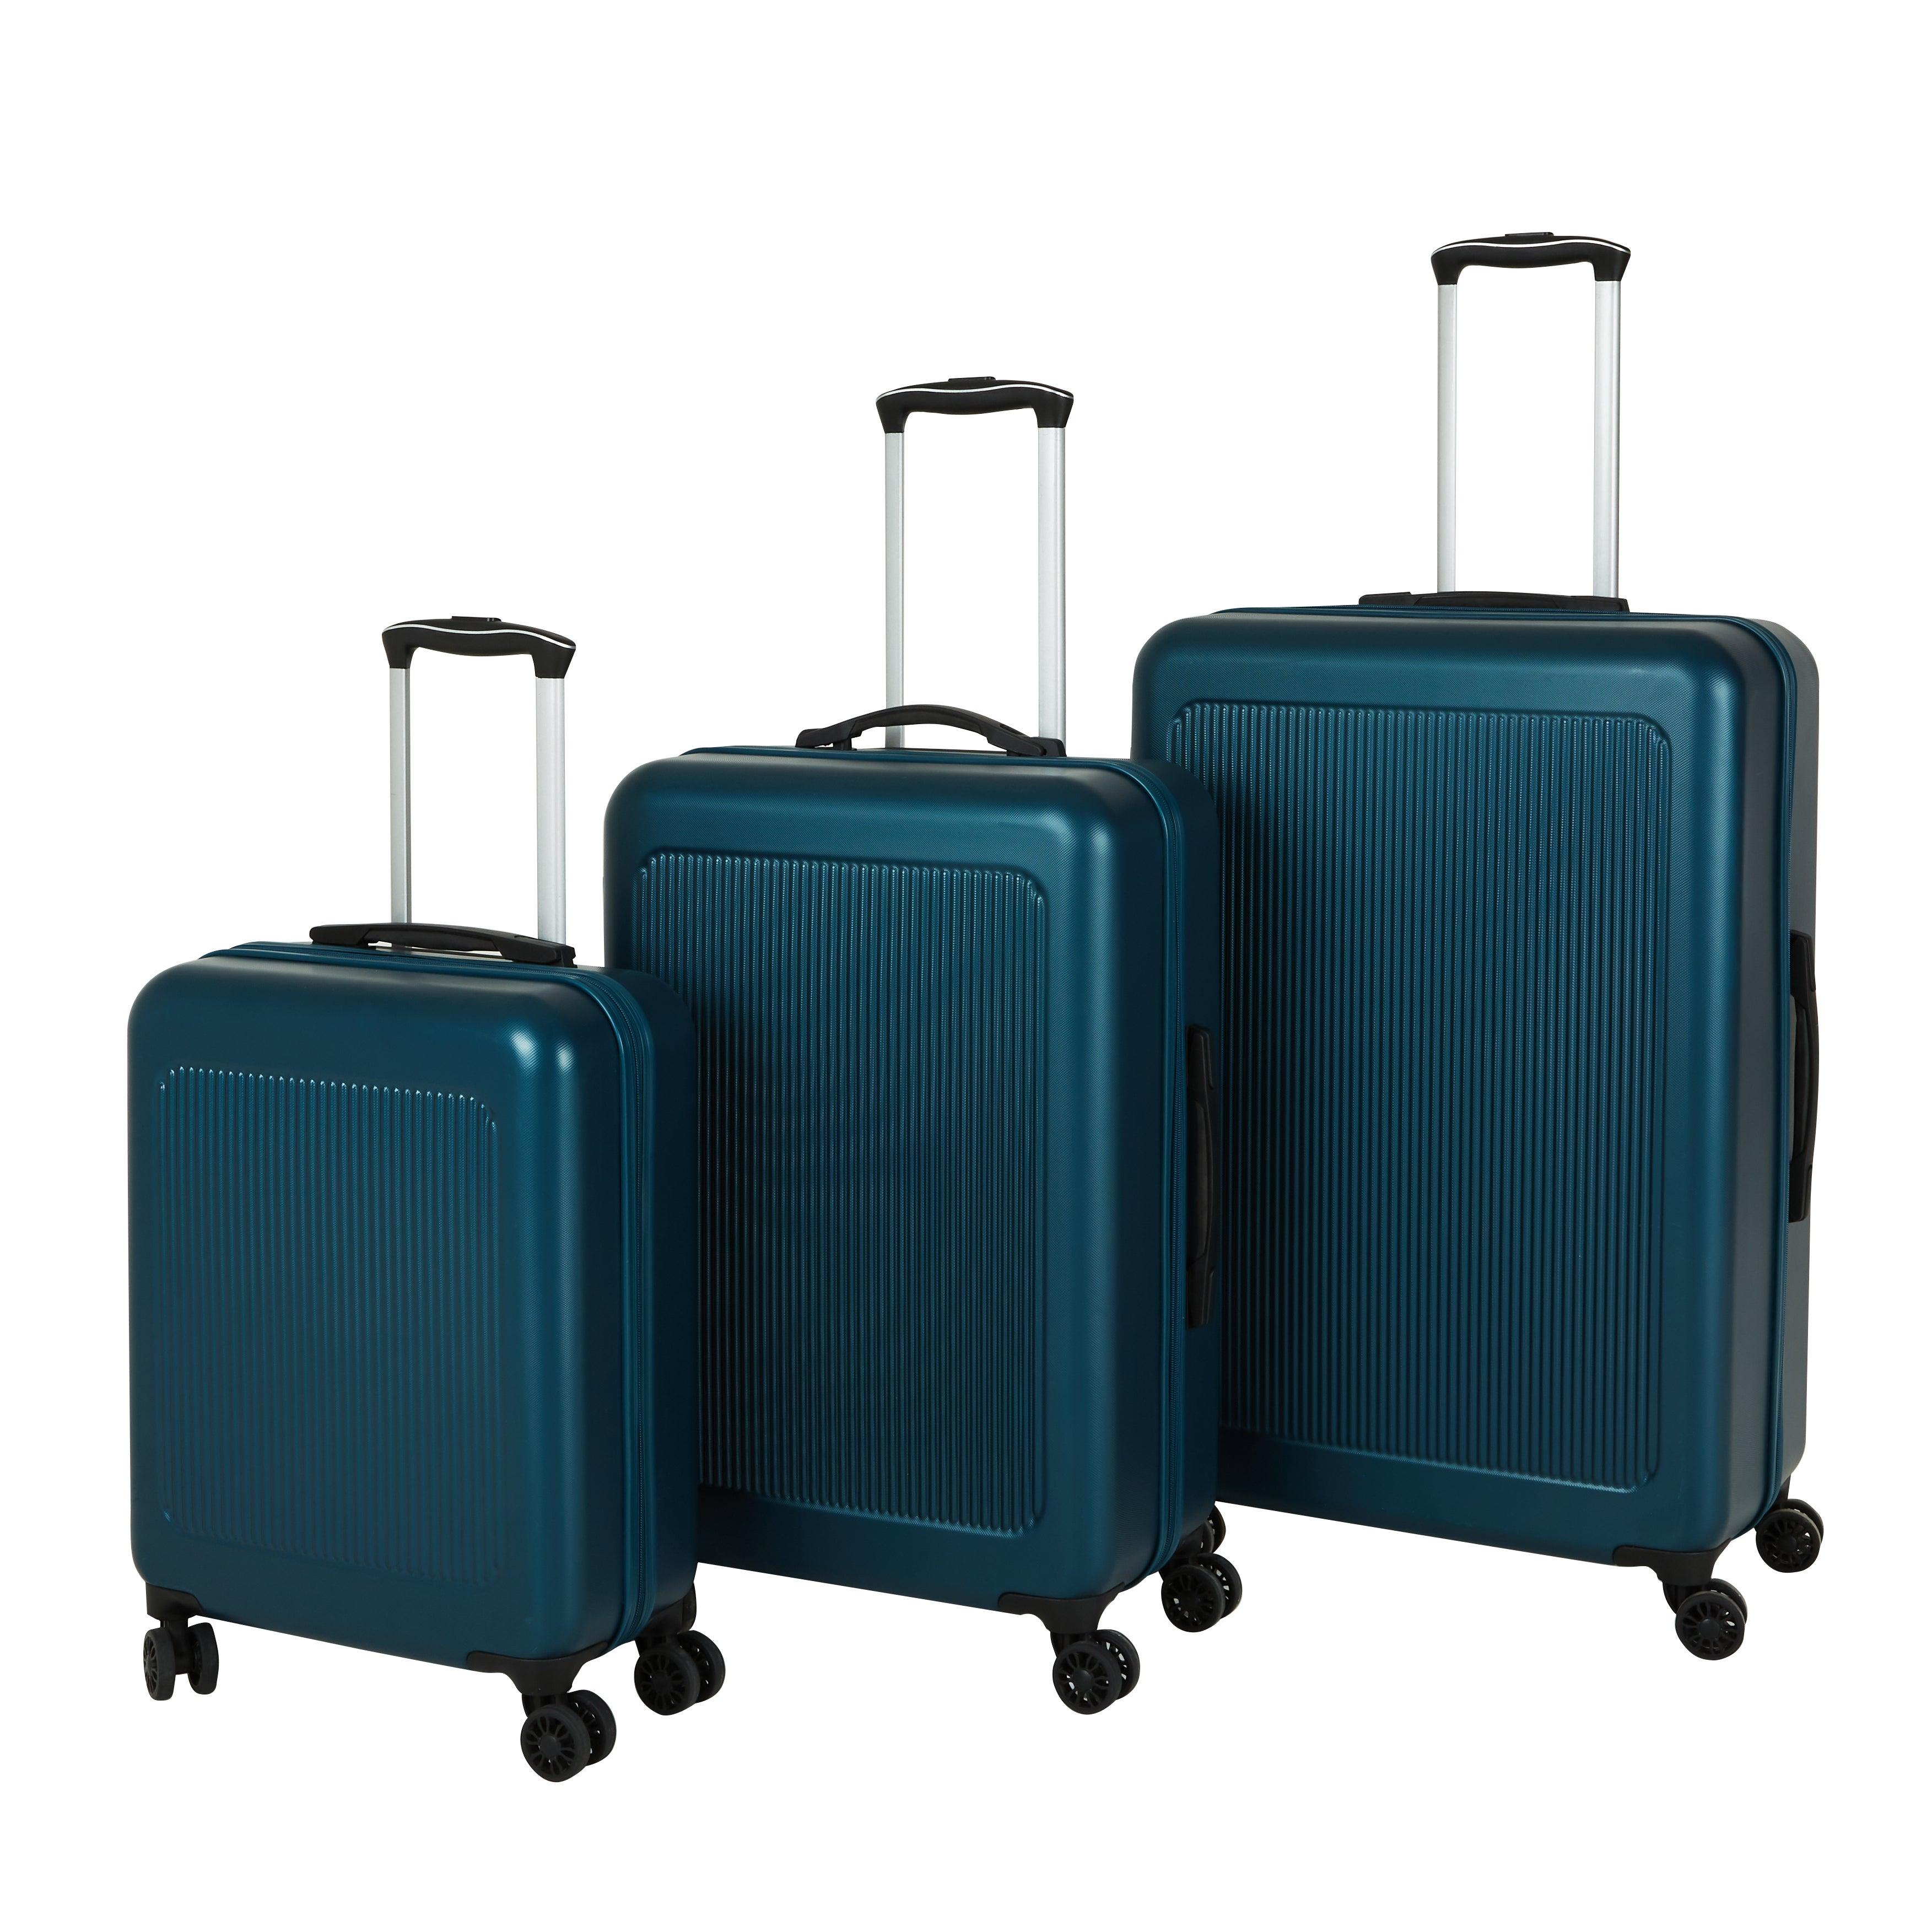 Melbourne Teal Hard Suitcase Blue